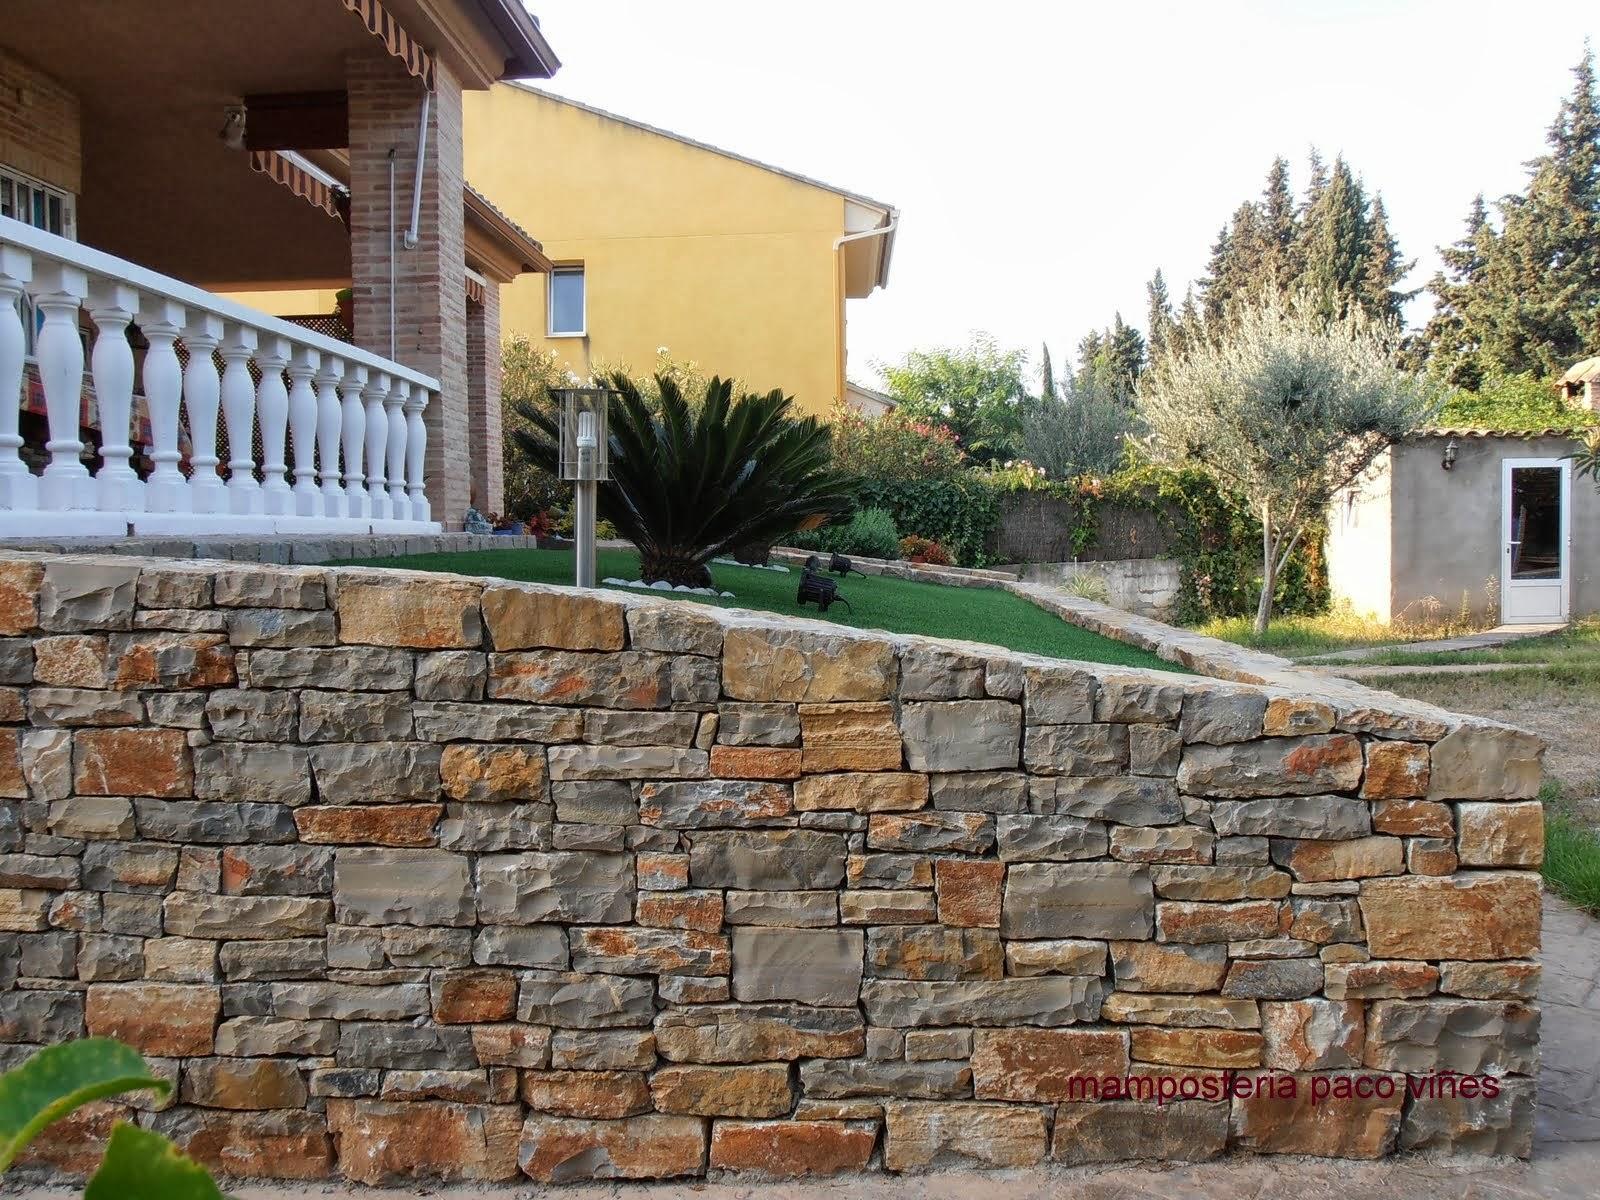 Piedra para jardin mamposteria paco vi es for Jardines con gravilla de colores